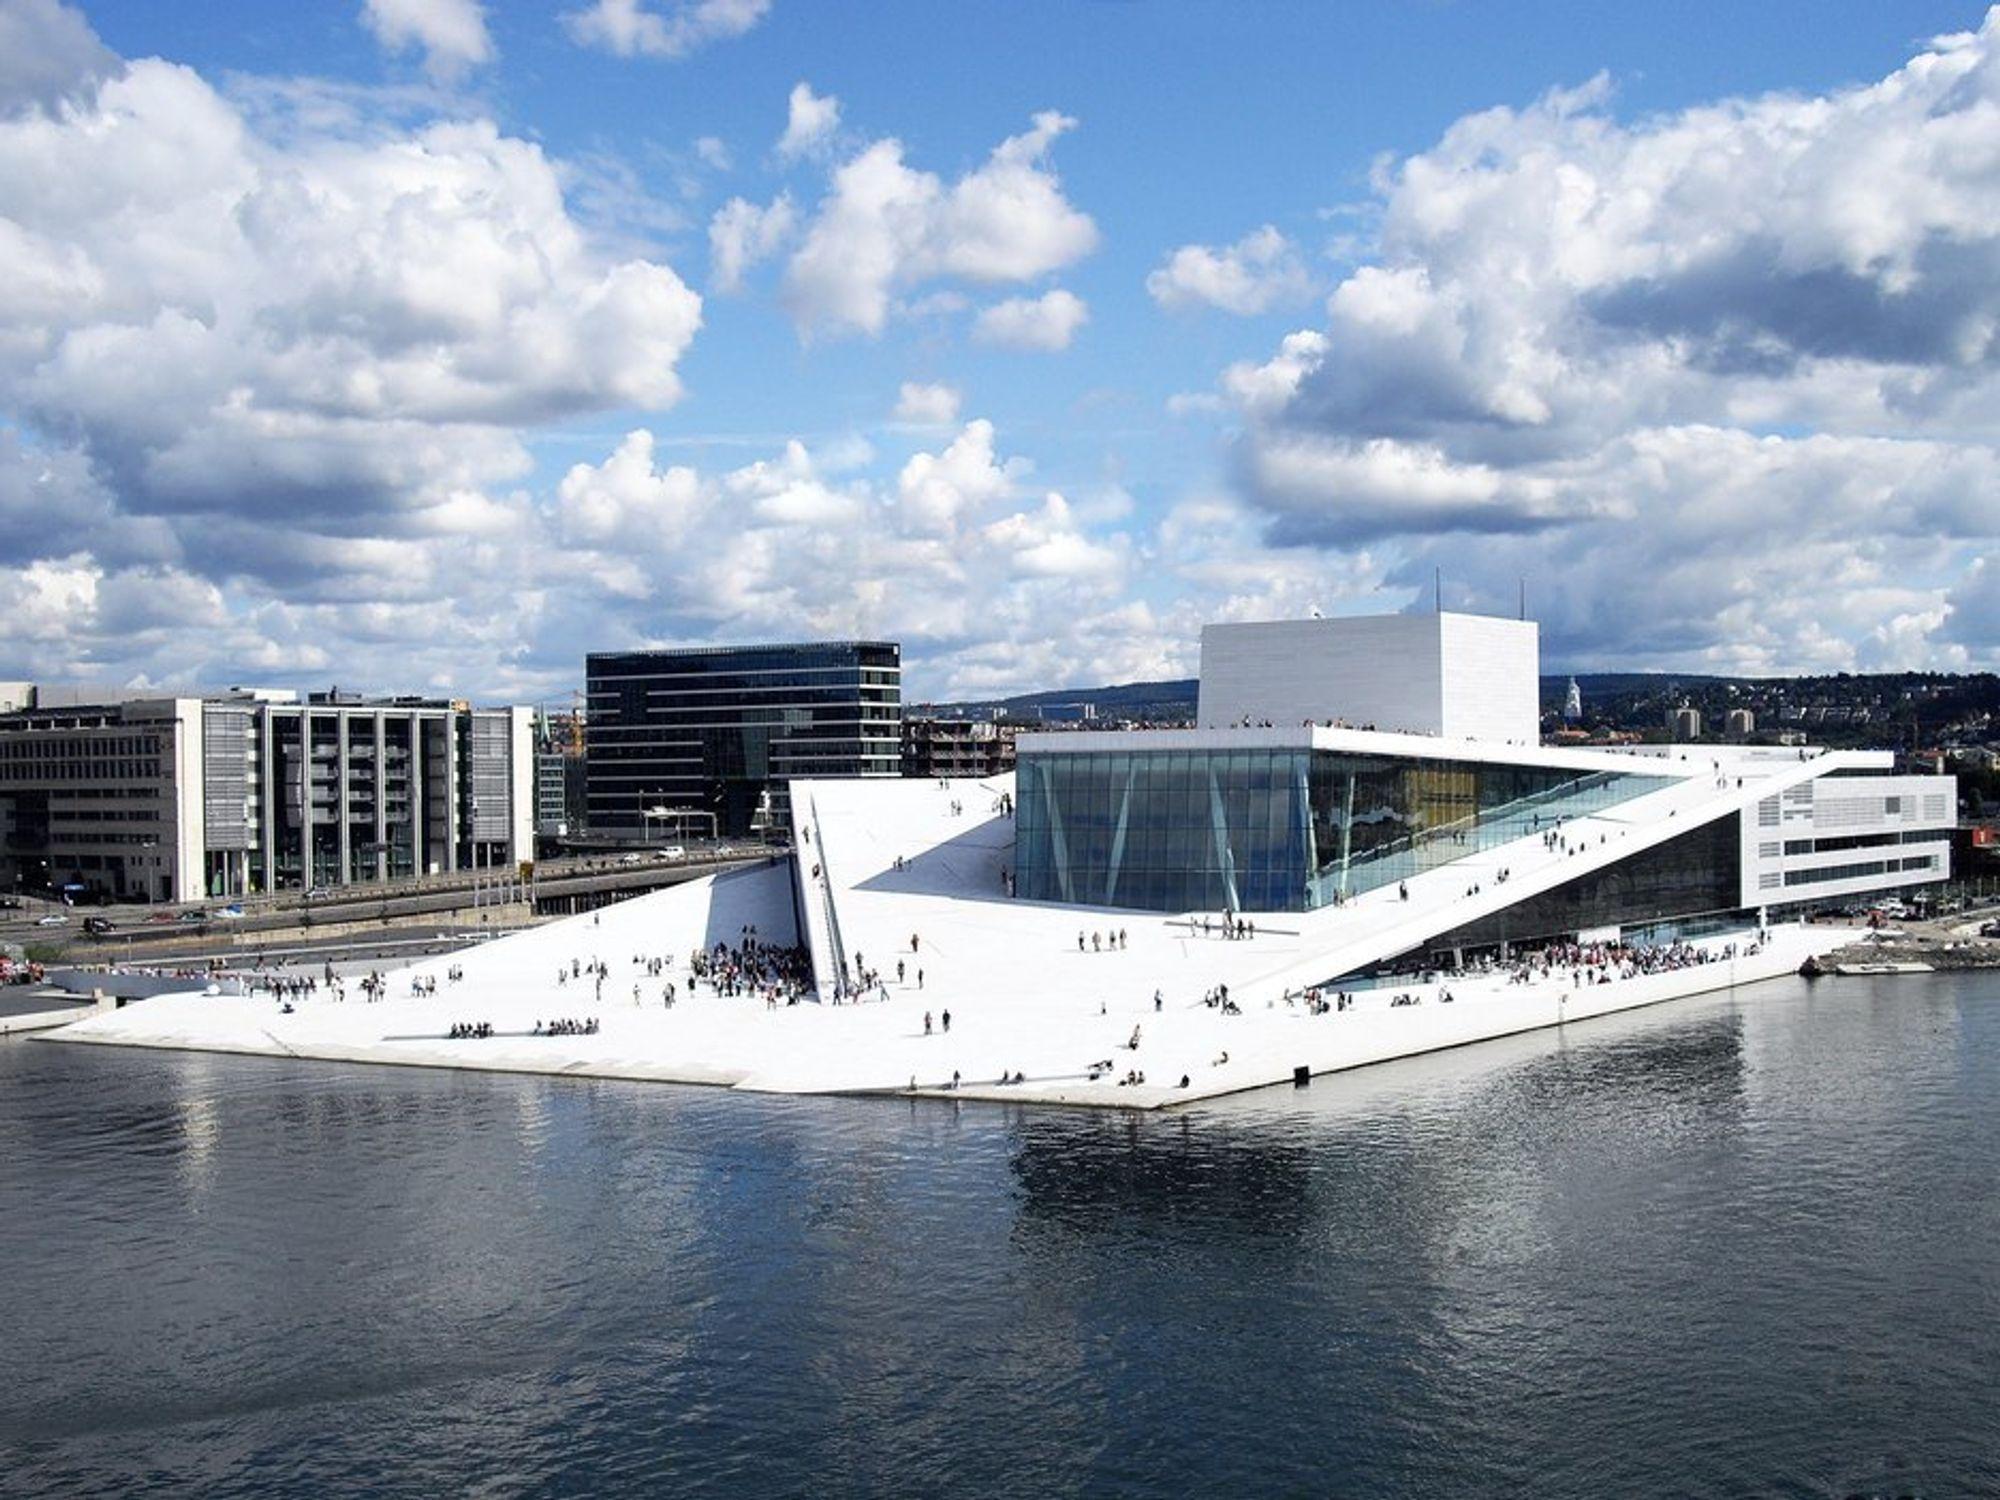 Operaen i bjørvika og arkitektene Snøhetta bel beæret med Årets kulturbygg i den prestisjefylte konkurransen World Architecture Festival.